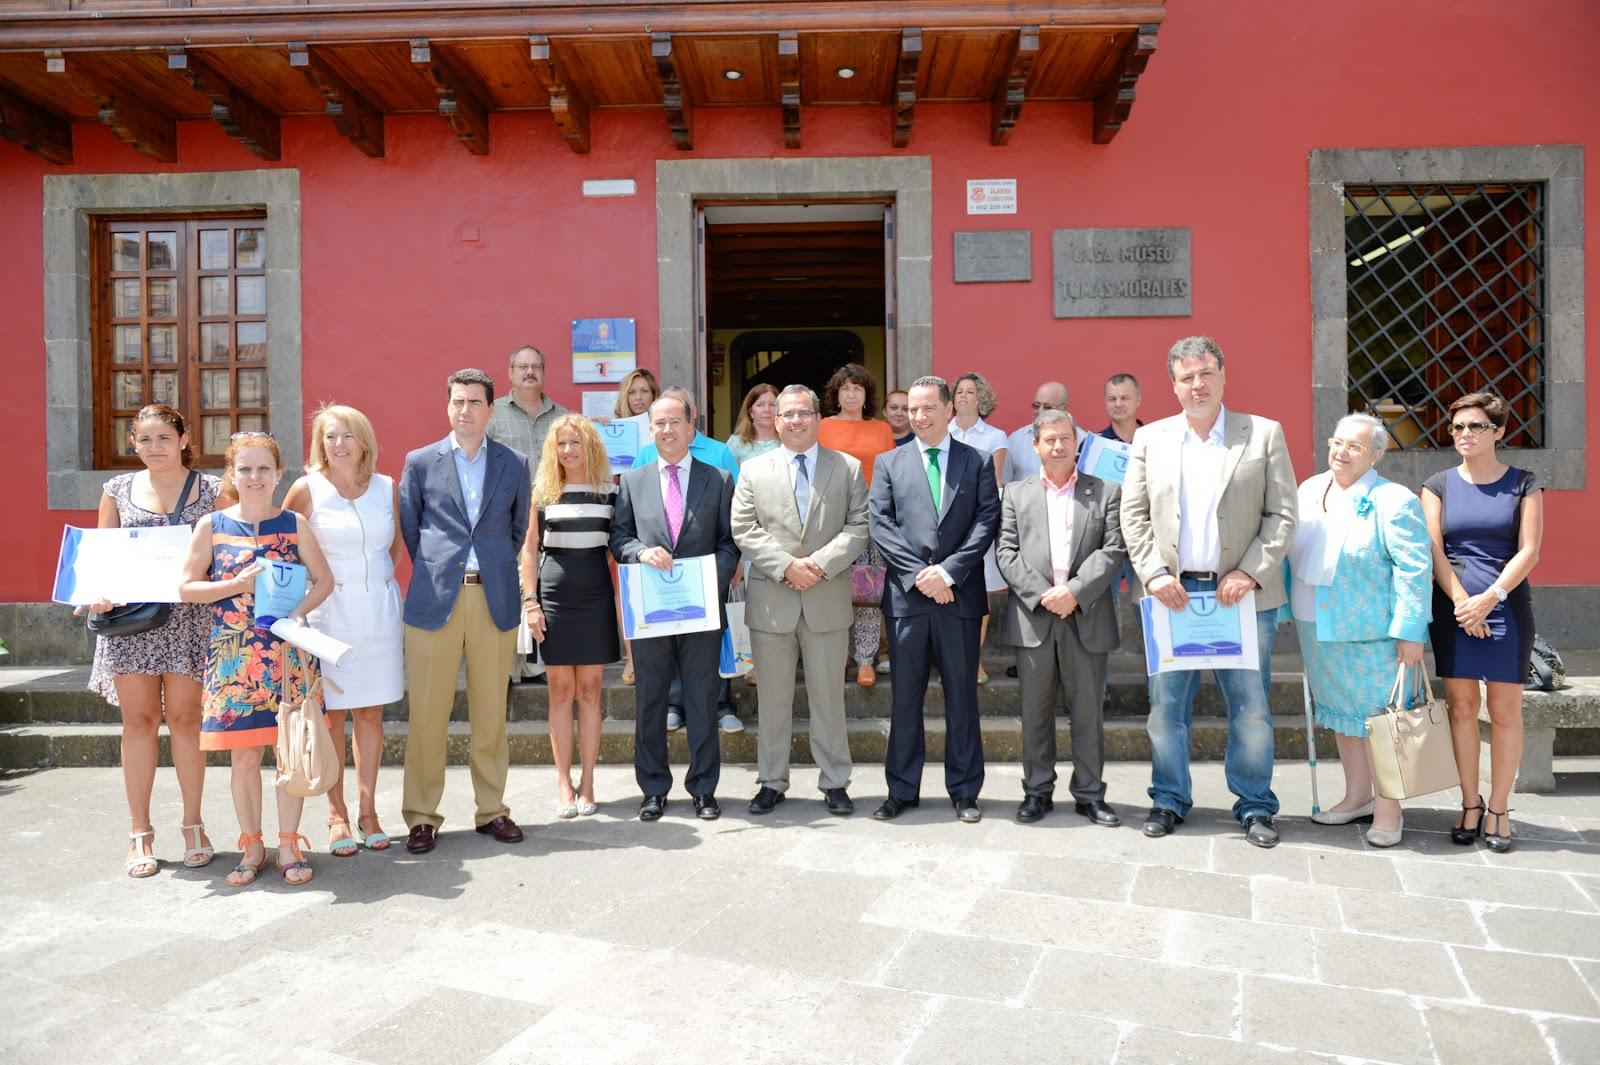 La oficina de turismo de san mateo renueva su distintivo for Oficina turismo canarias